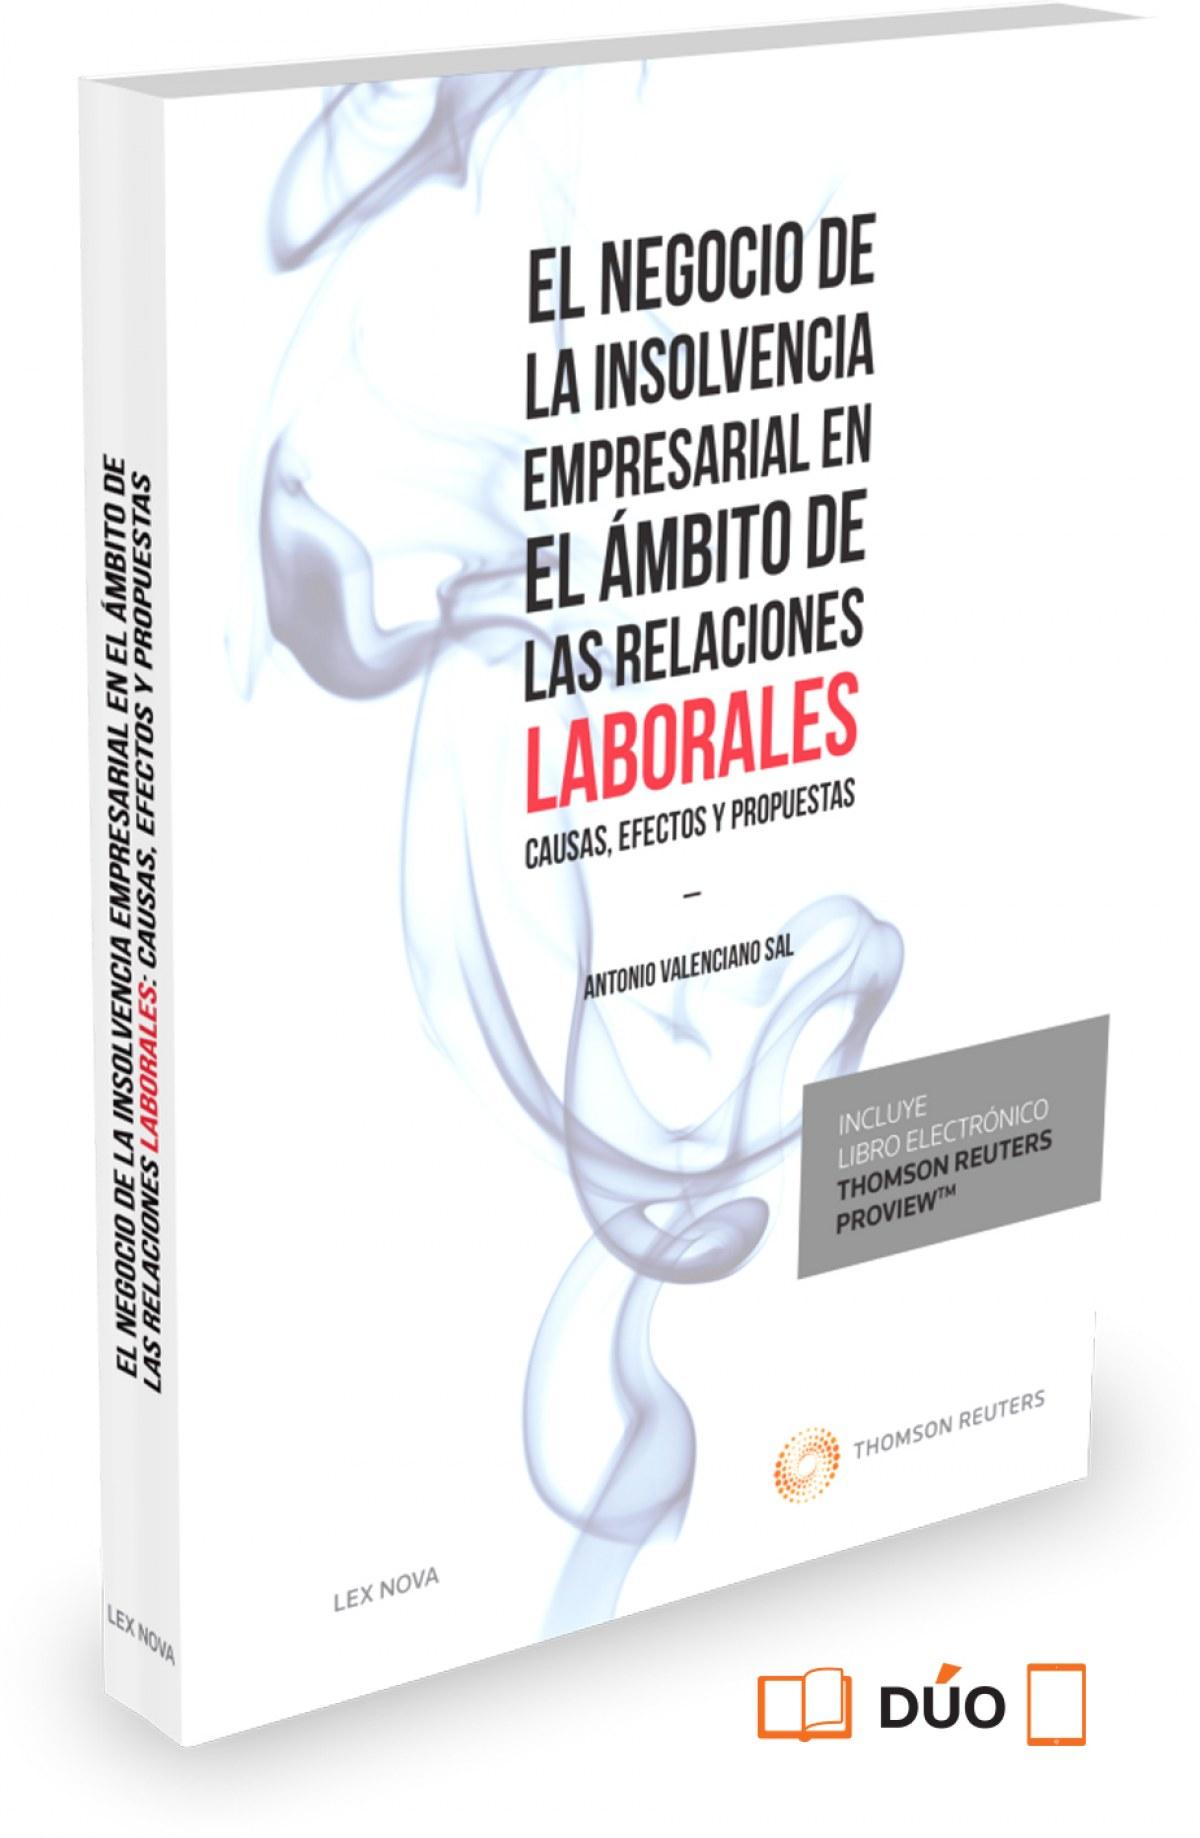 EL NEGOCIO DE LA INSOLVENCIA EMPRESARIAL EN EL AMBITO DE LAS RELACIONES LABORALES: CAUSAS, EFECTOS Y